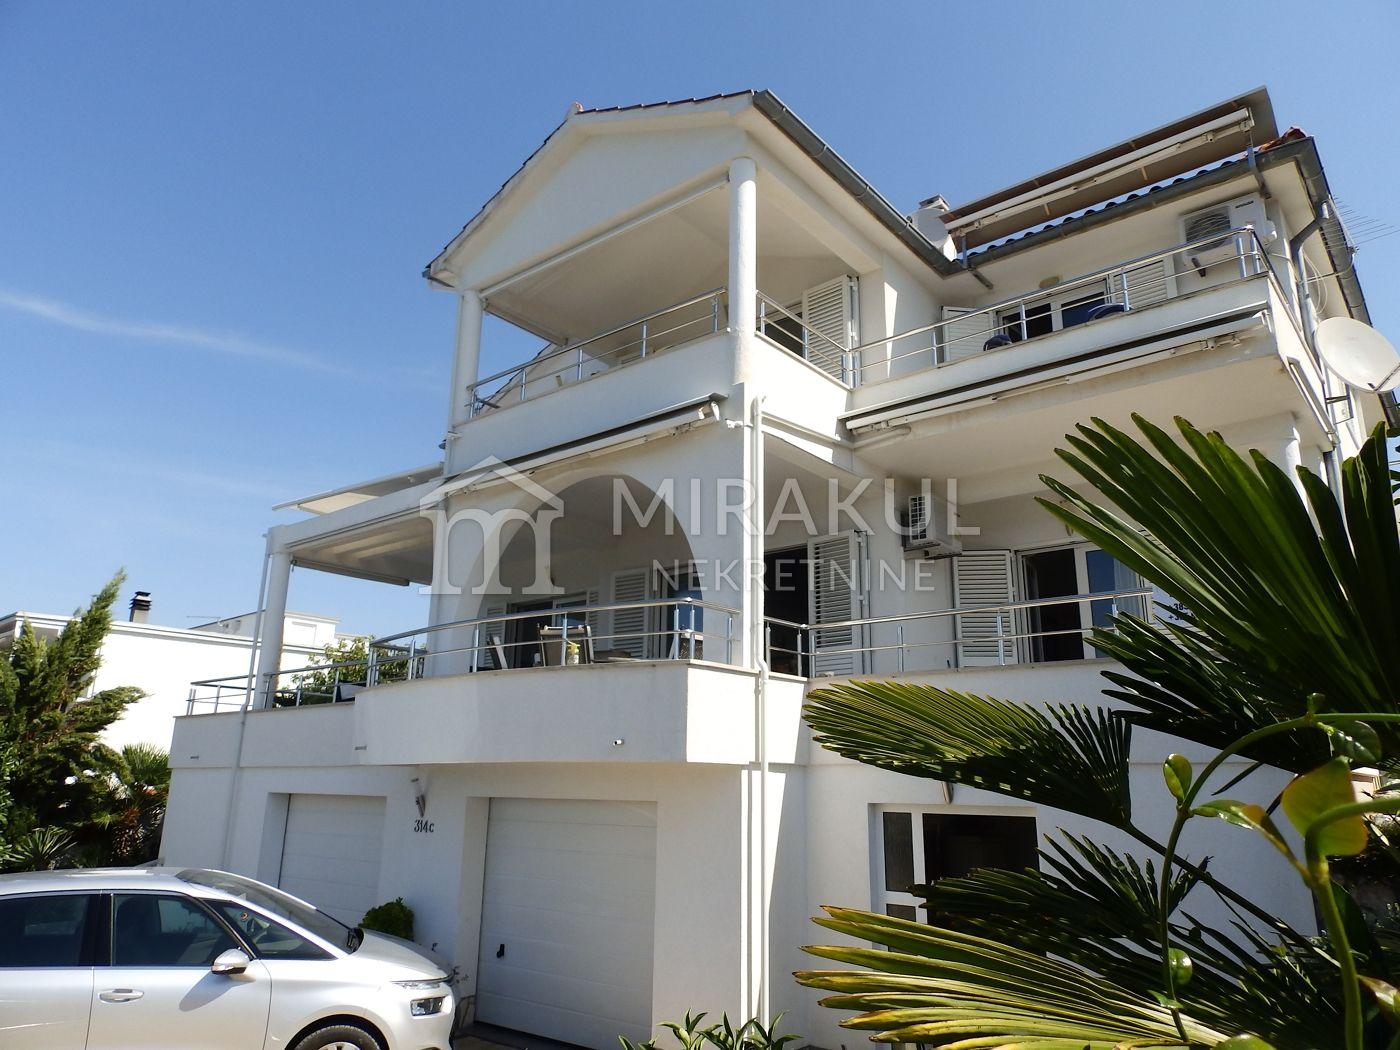 Nekretnine Tisno, kuća, Mirakul nekretnine, ID - KT-496, Luksuzna kuća blizu mora 3